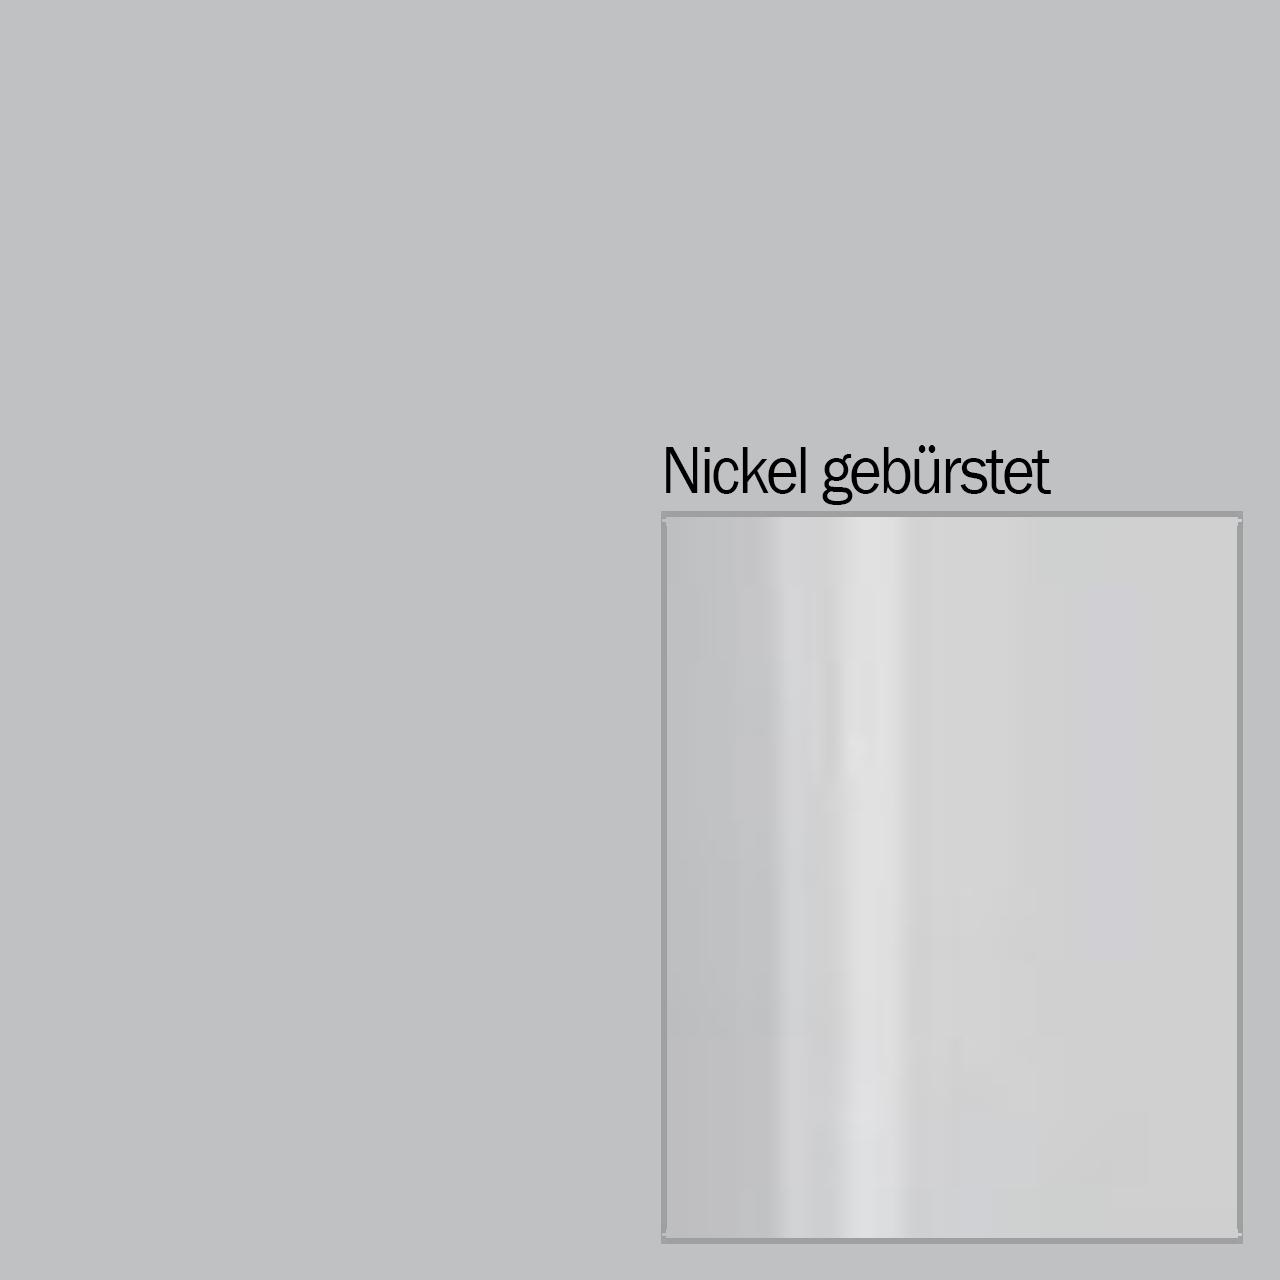 Nickel-geb-rstet